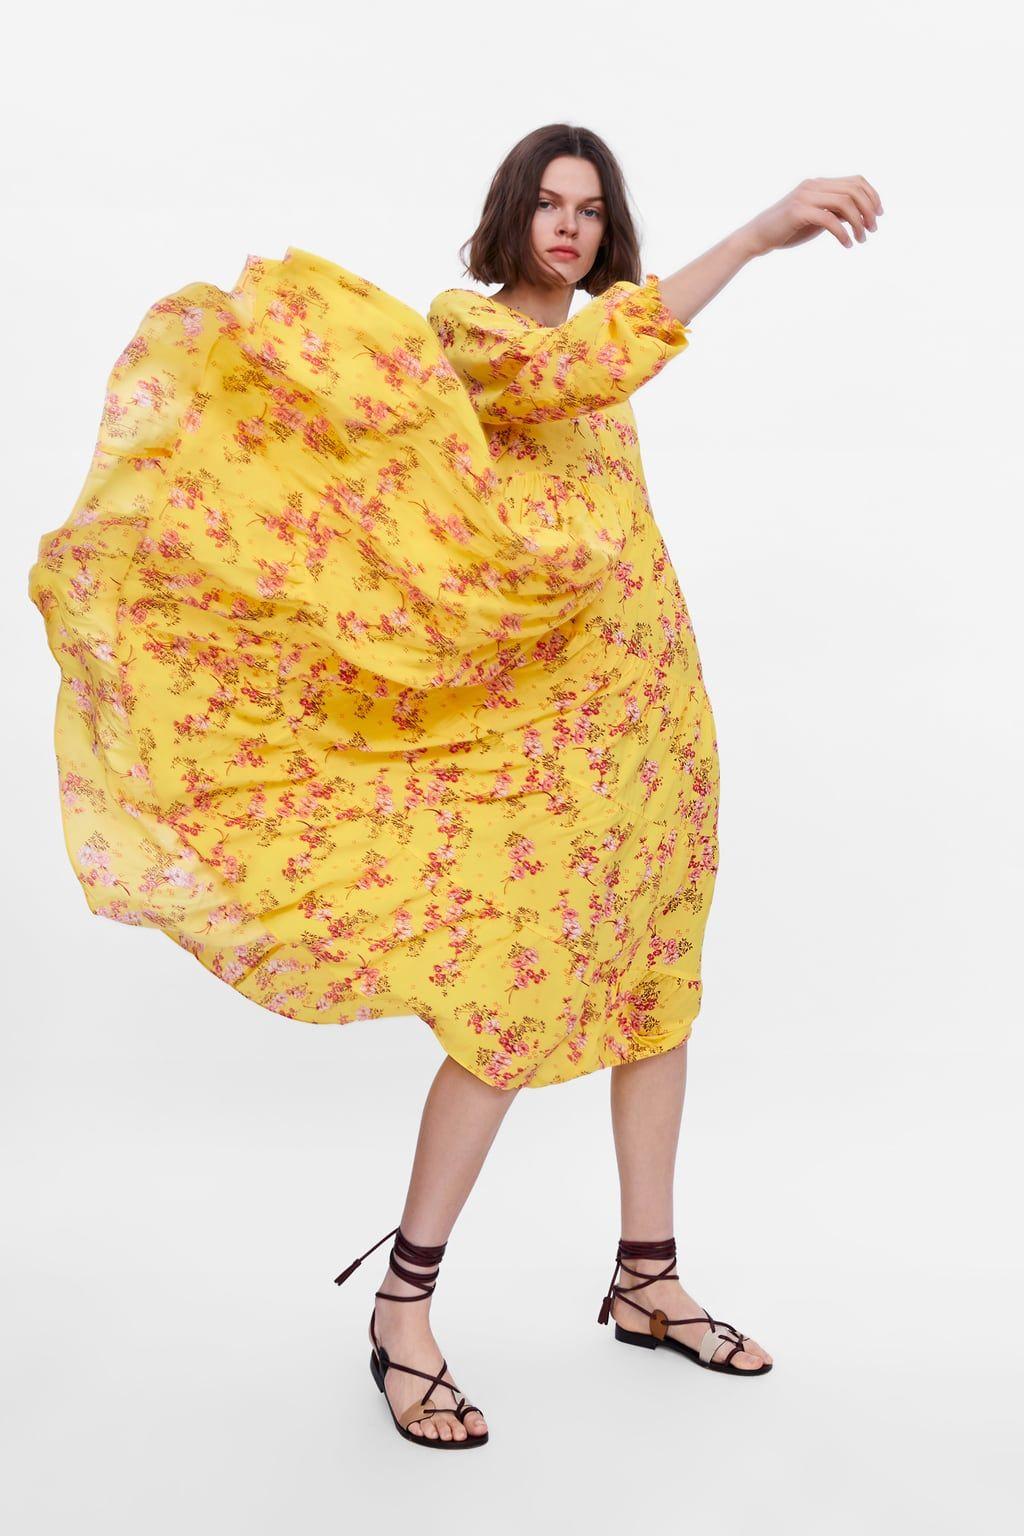 Vestido Estampado Floral In 2019 Yellow Floral Dress